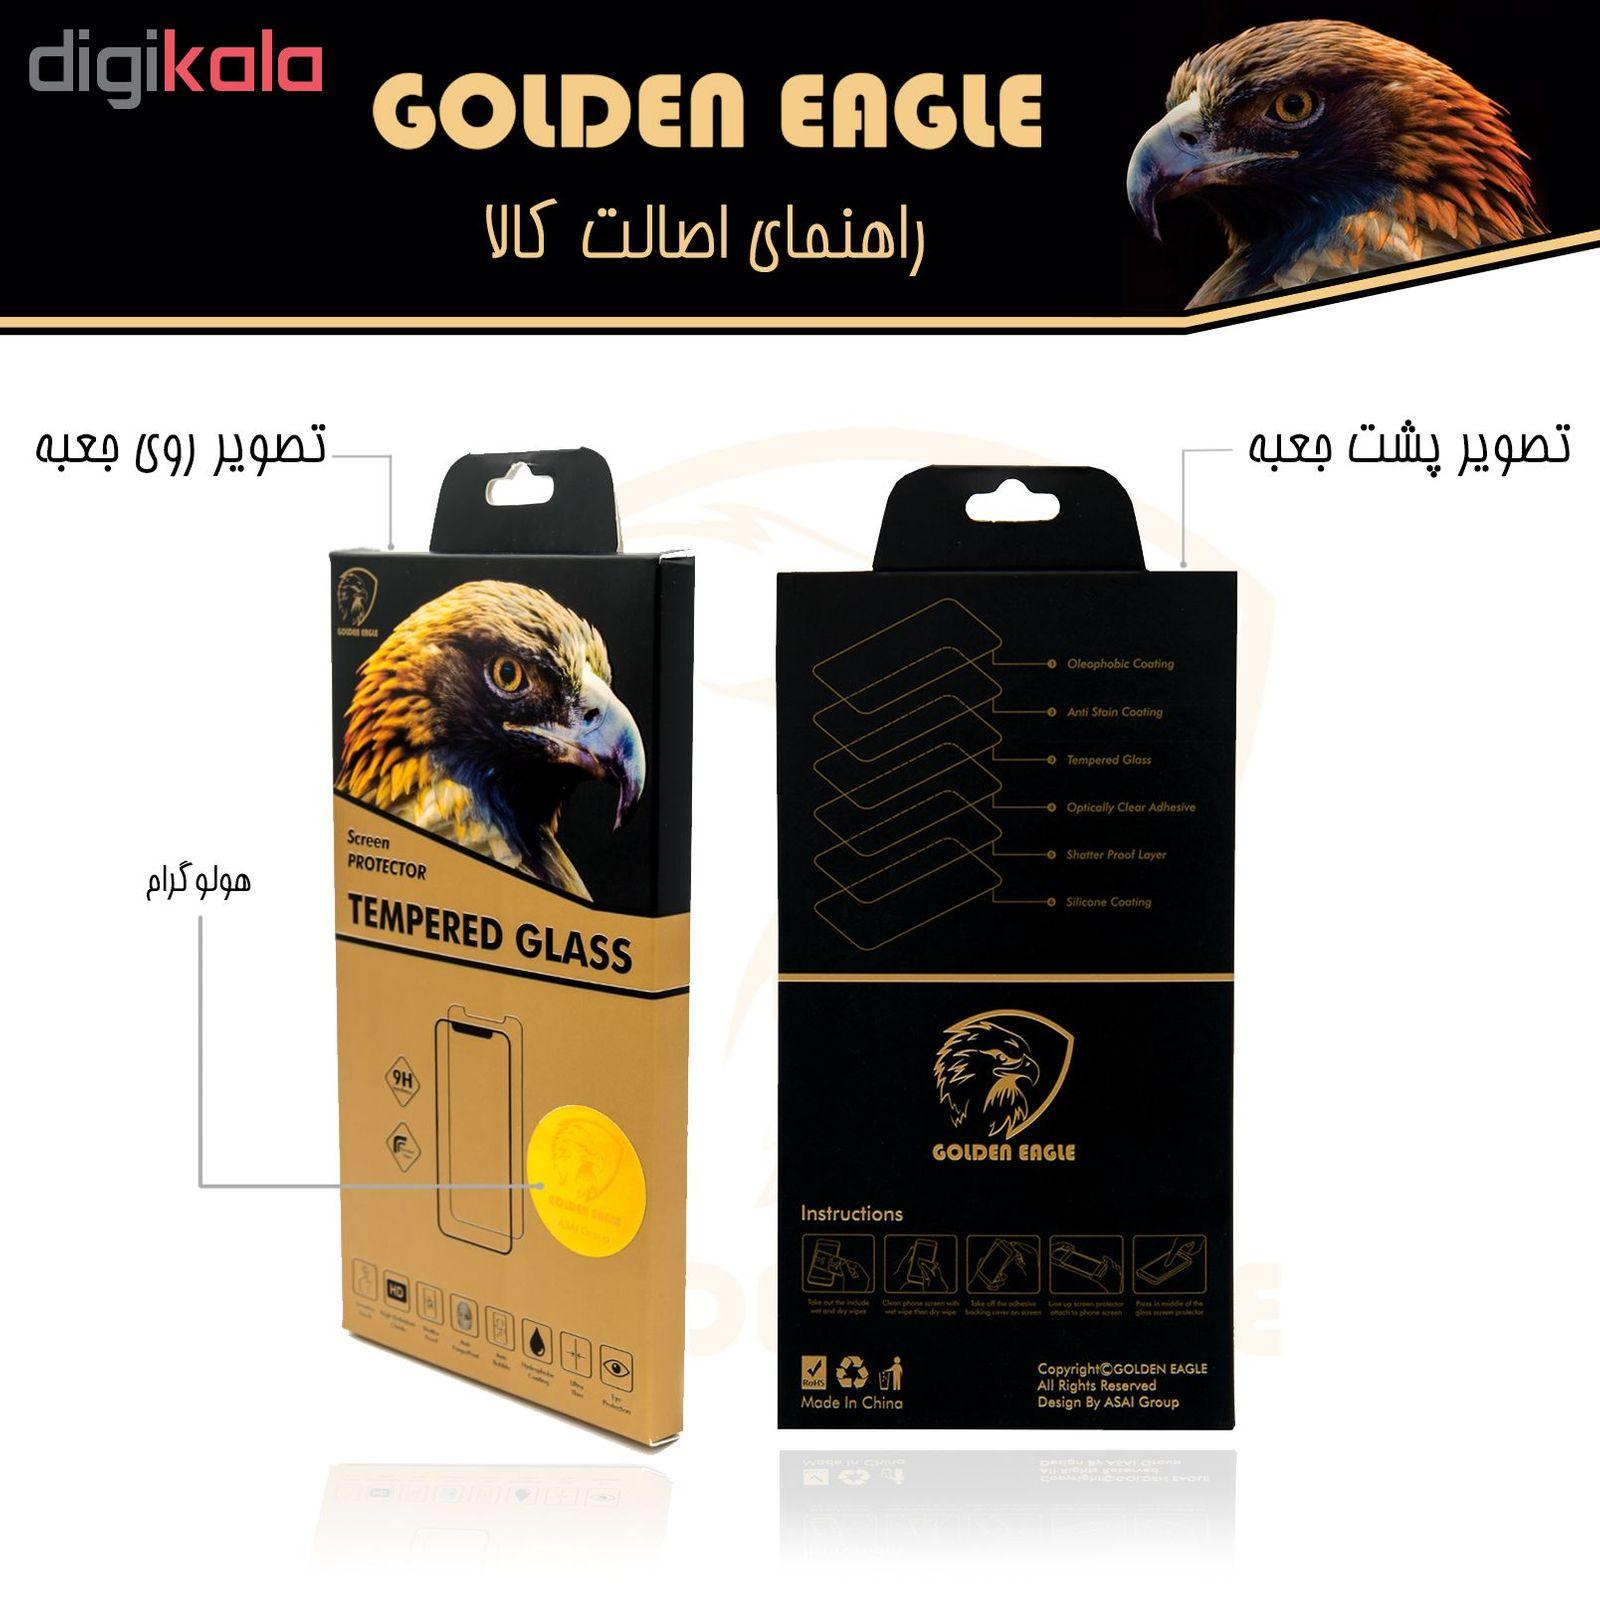 محافظ صفحه نمایش گلدن ایگل مدل GLC-X3 مناسب برای گوشی موبایل سامسونگ Galaxy A30 بسته سه عددی main 1 5